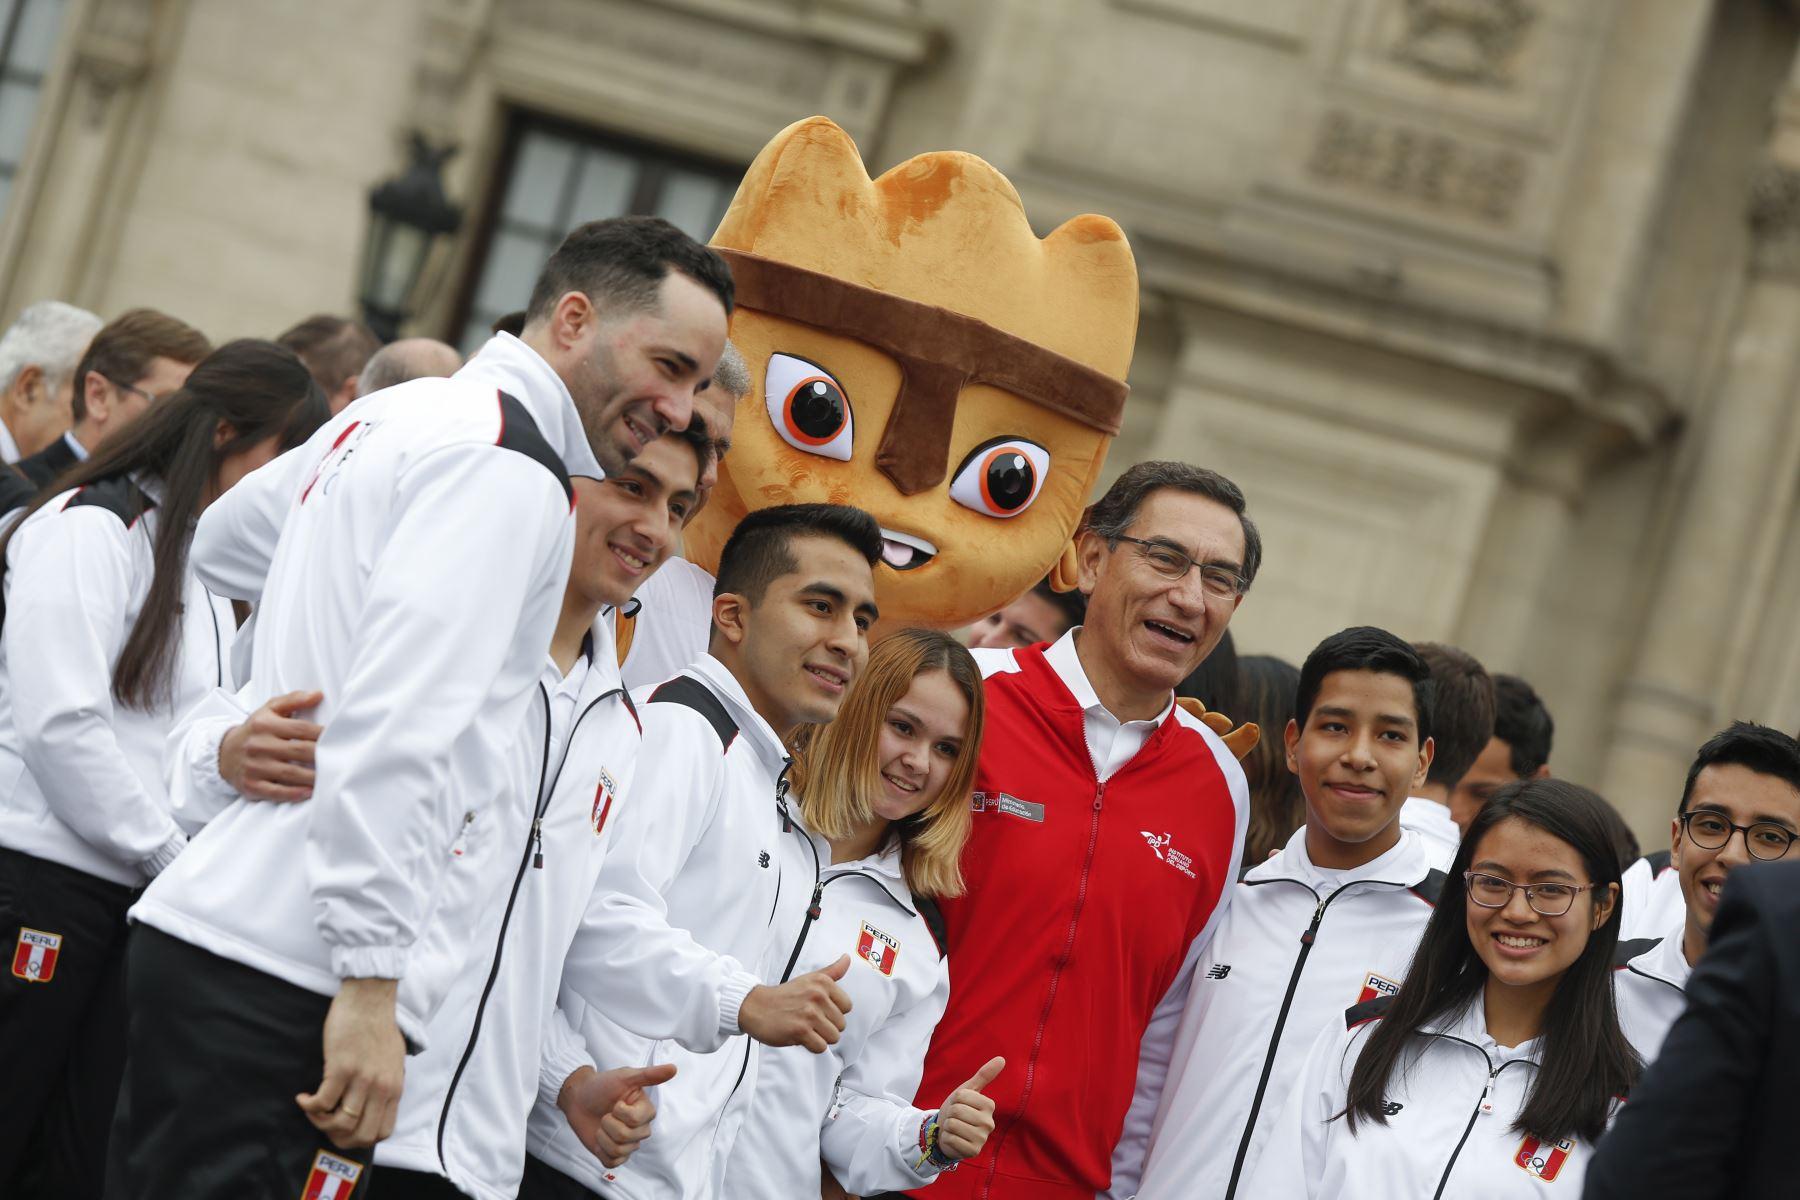 Presidente de la República, Martín Vizcarra, entrega la bandera nacional a la delegación peruana que participará en los Juegos Panamericanos 2019. Foto: ANDINA/Prensa Presidencia